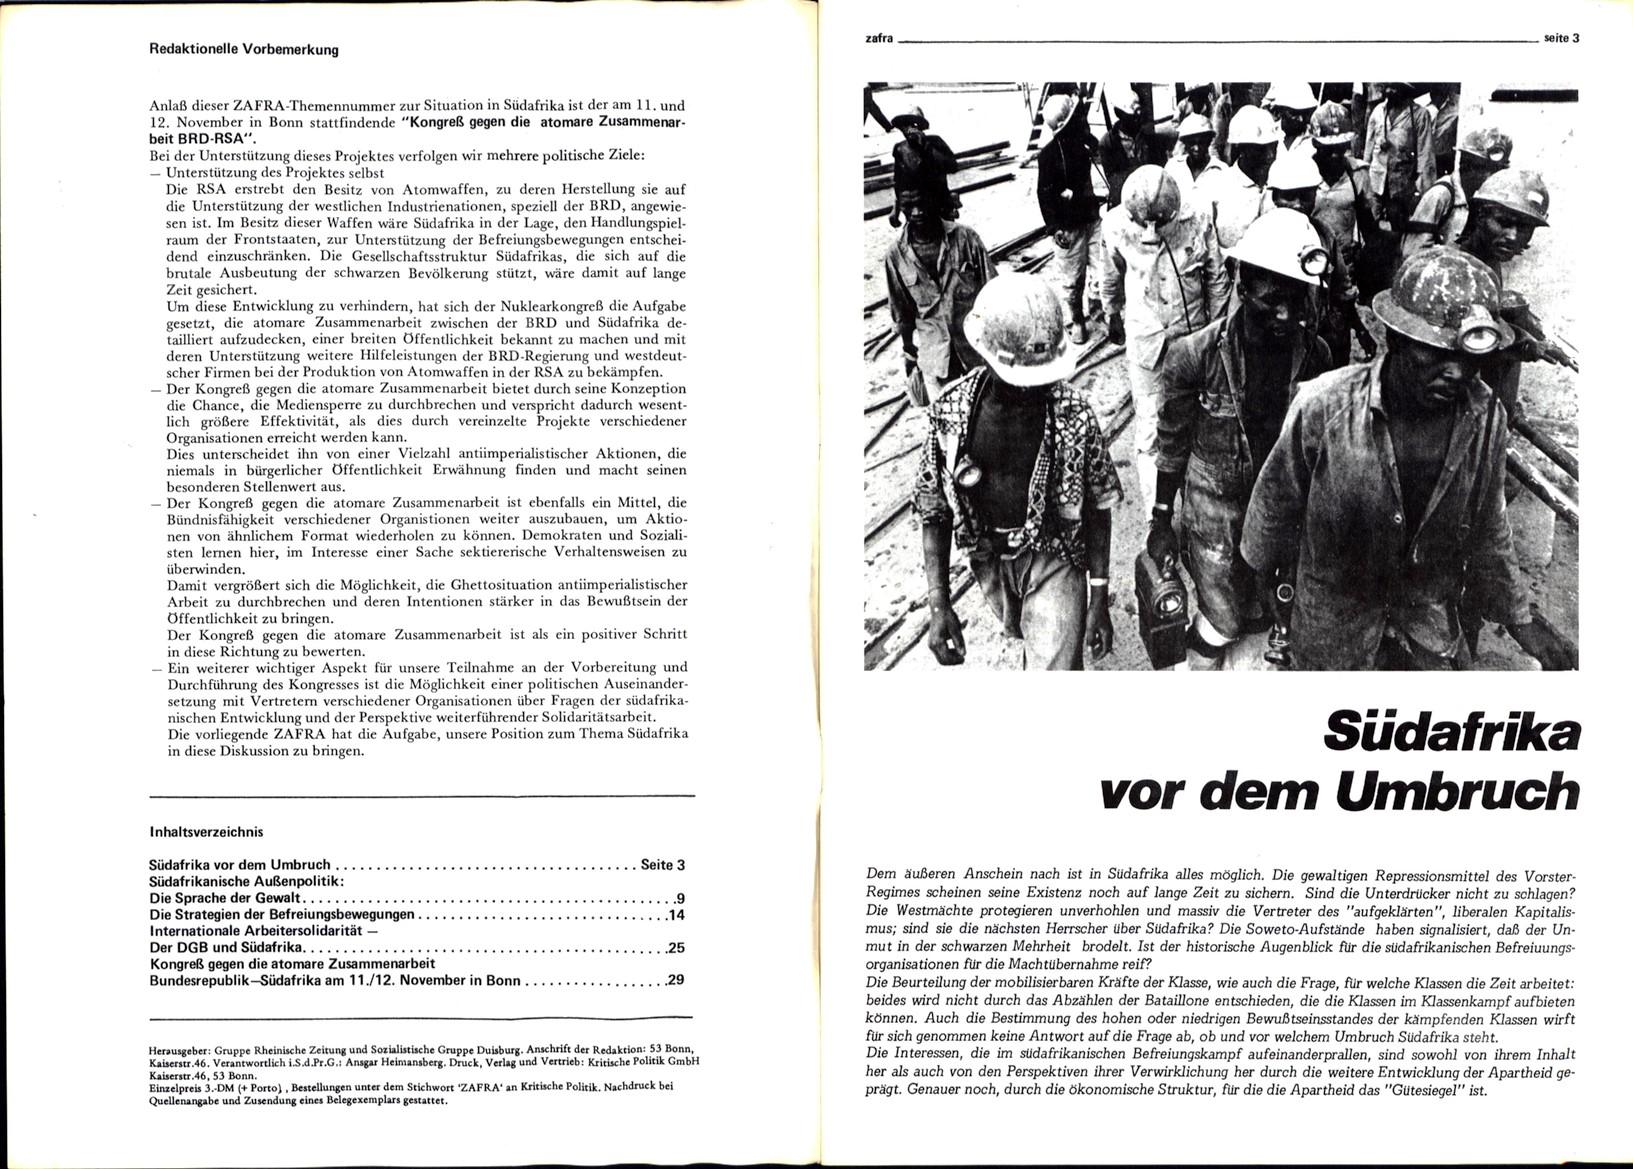 Bonn_ZAFRA_06_19781100_02